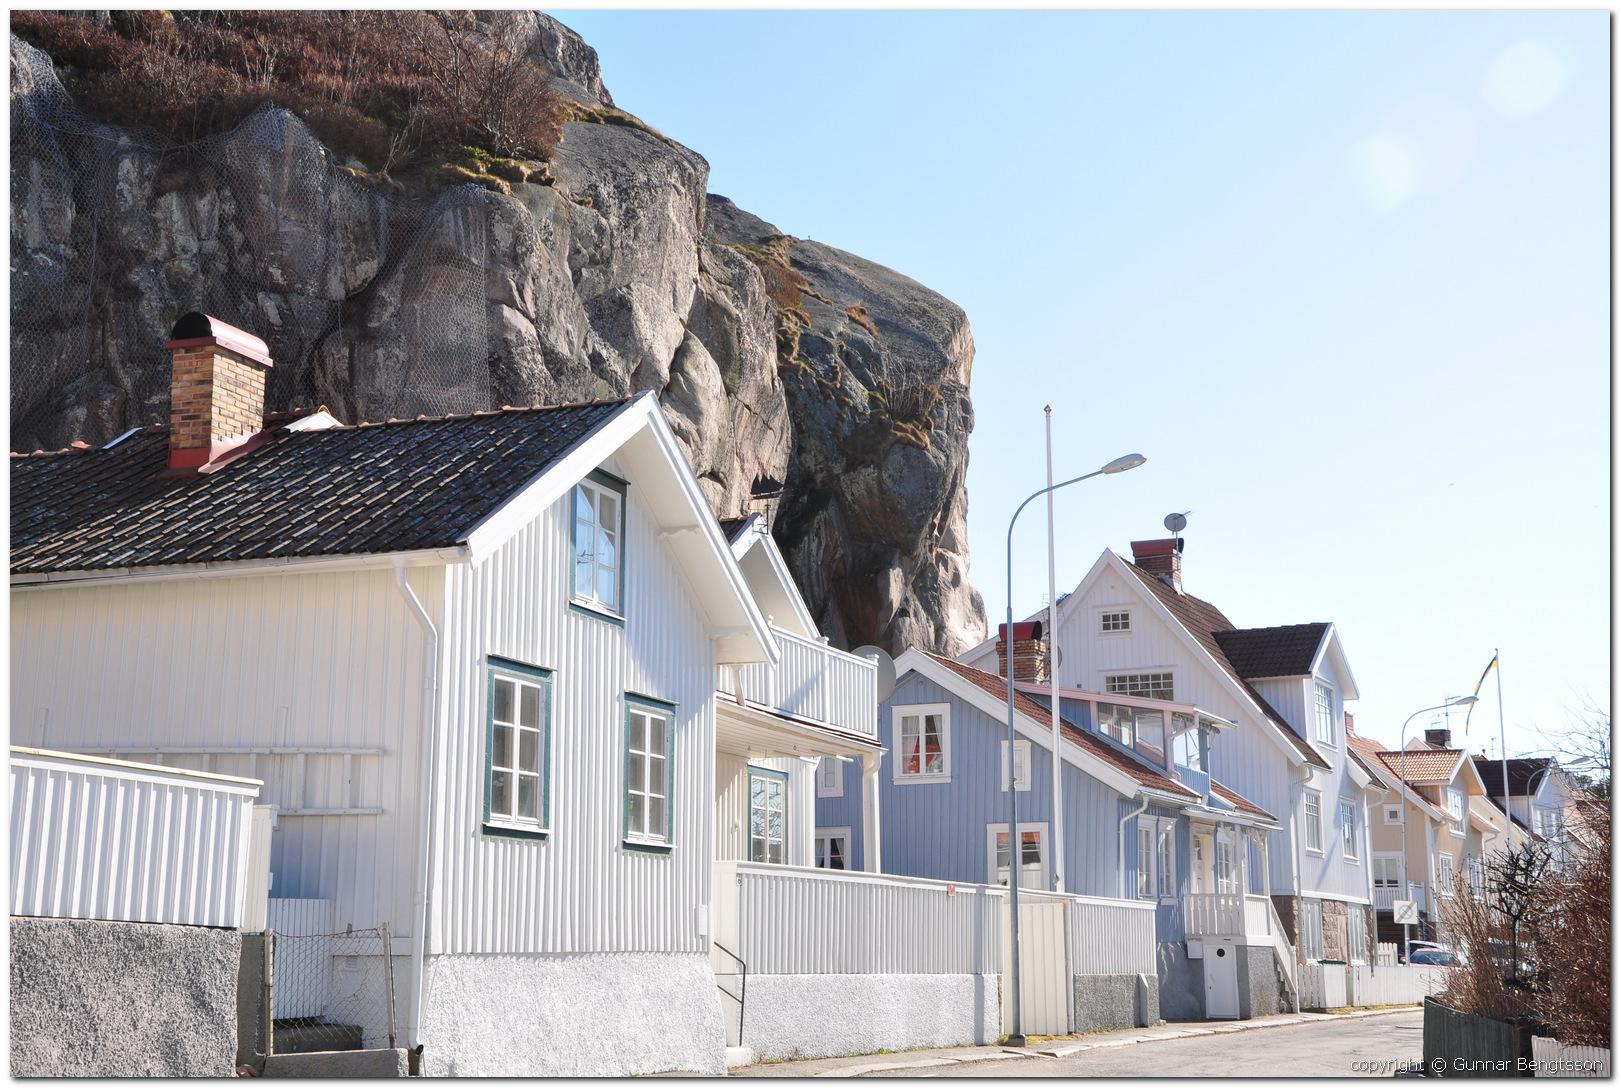 bohuslan_norge_2012-04-04_dsc_3943